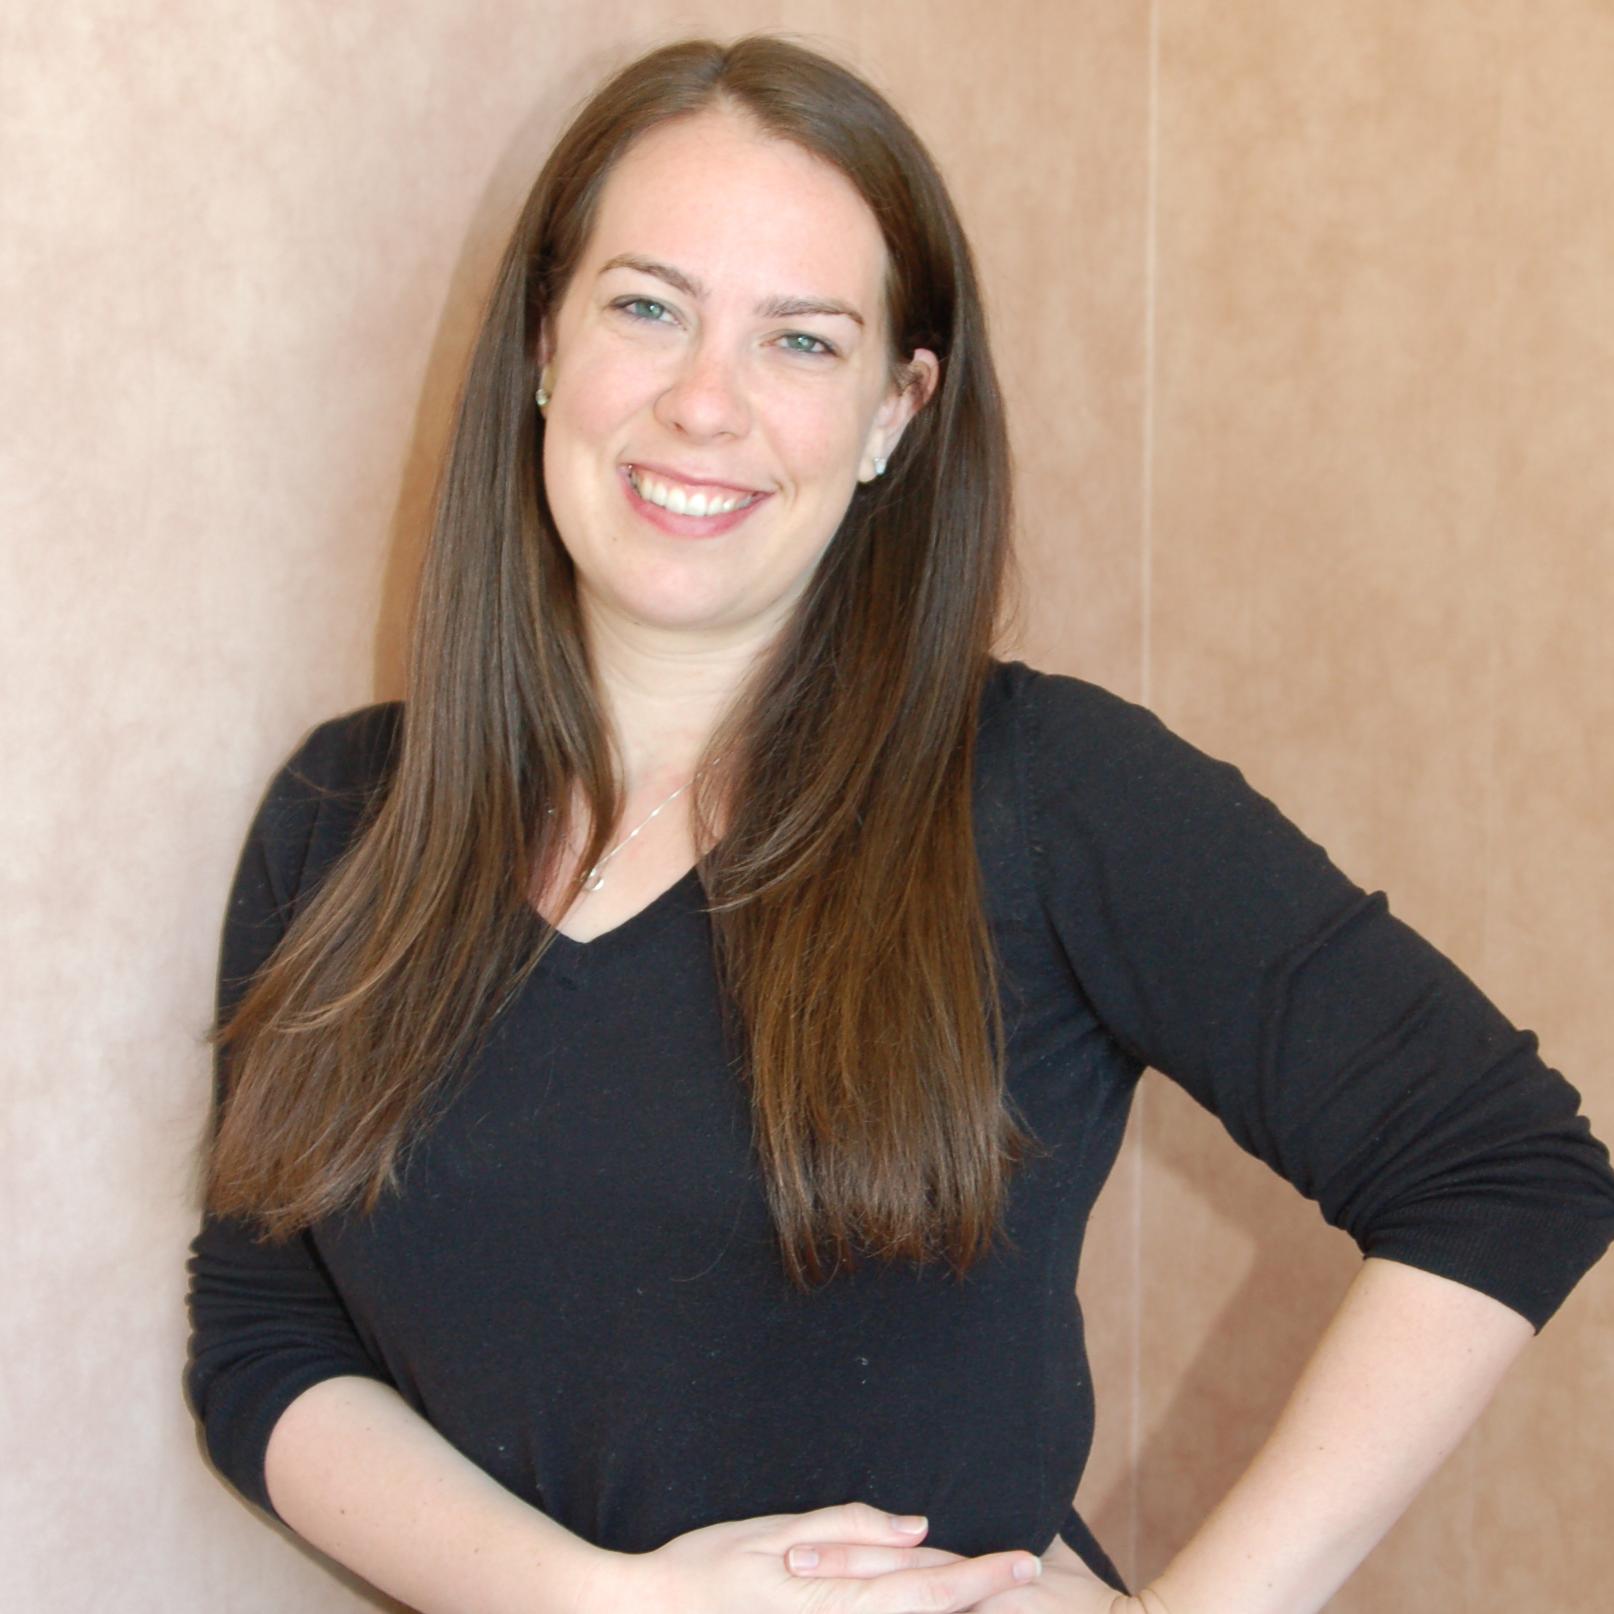 Sarah Cade - Co-Founder